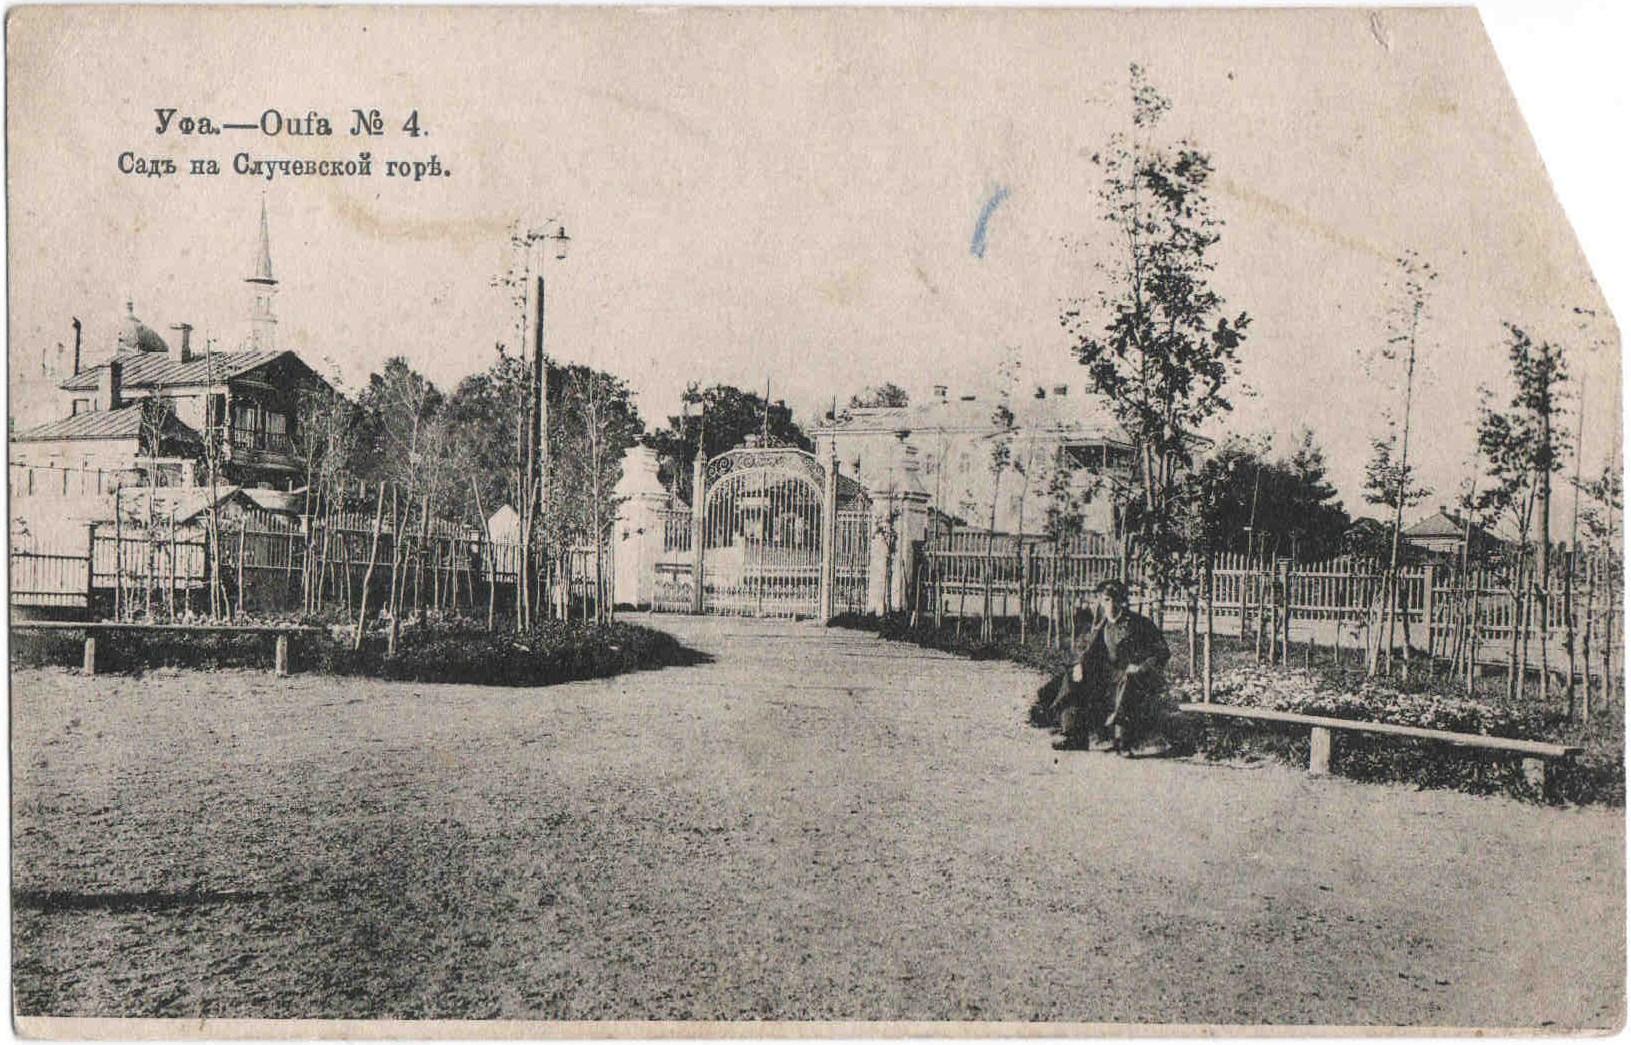 Уфа Вид на Случевской парк (Сад Салавата, Крупской)2